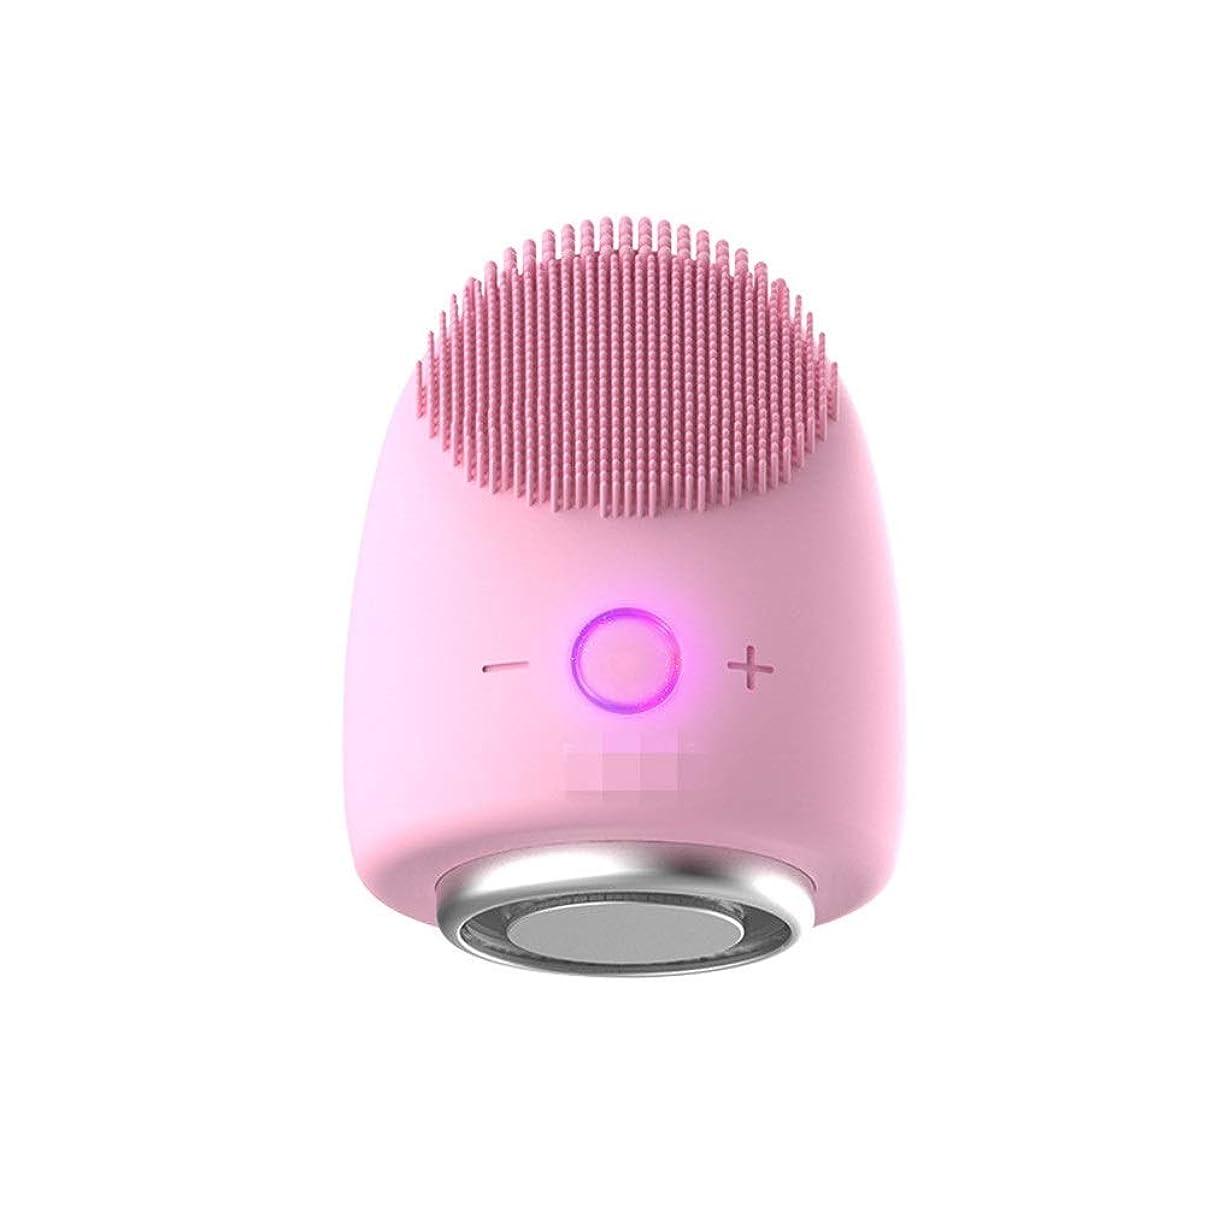 誤売上高ポゴスティックジャンプChaopeng 多機能美容器具洗浄器具導入器具凝縮ホットドレッシング肌活性化器具 (Color : ピンク)